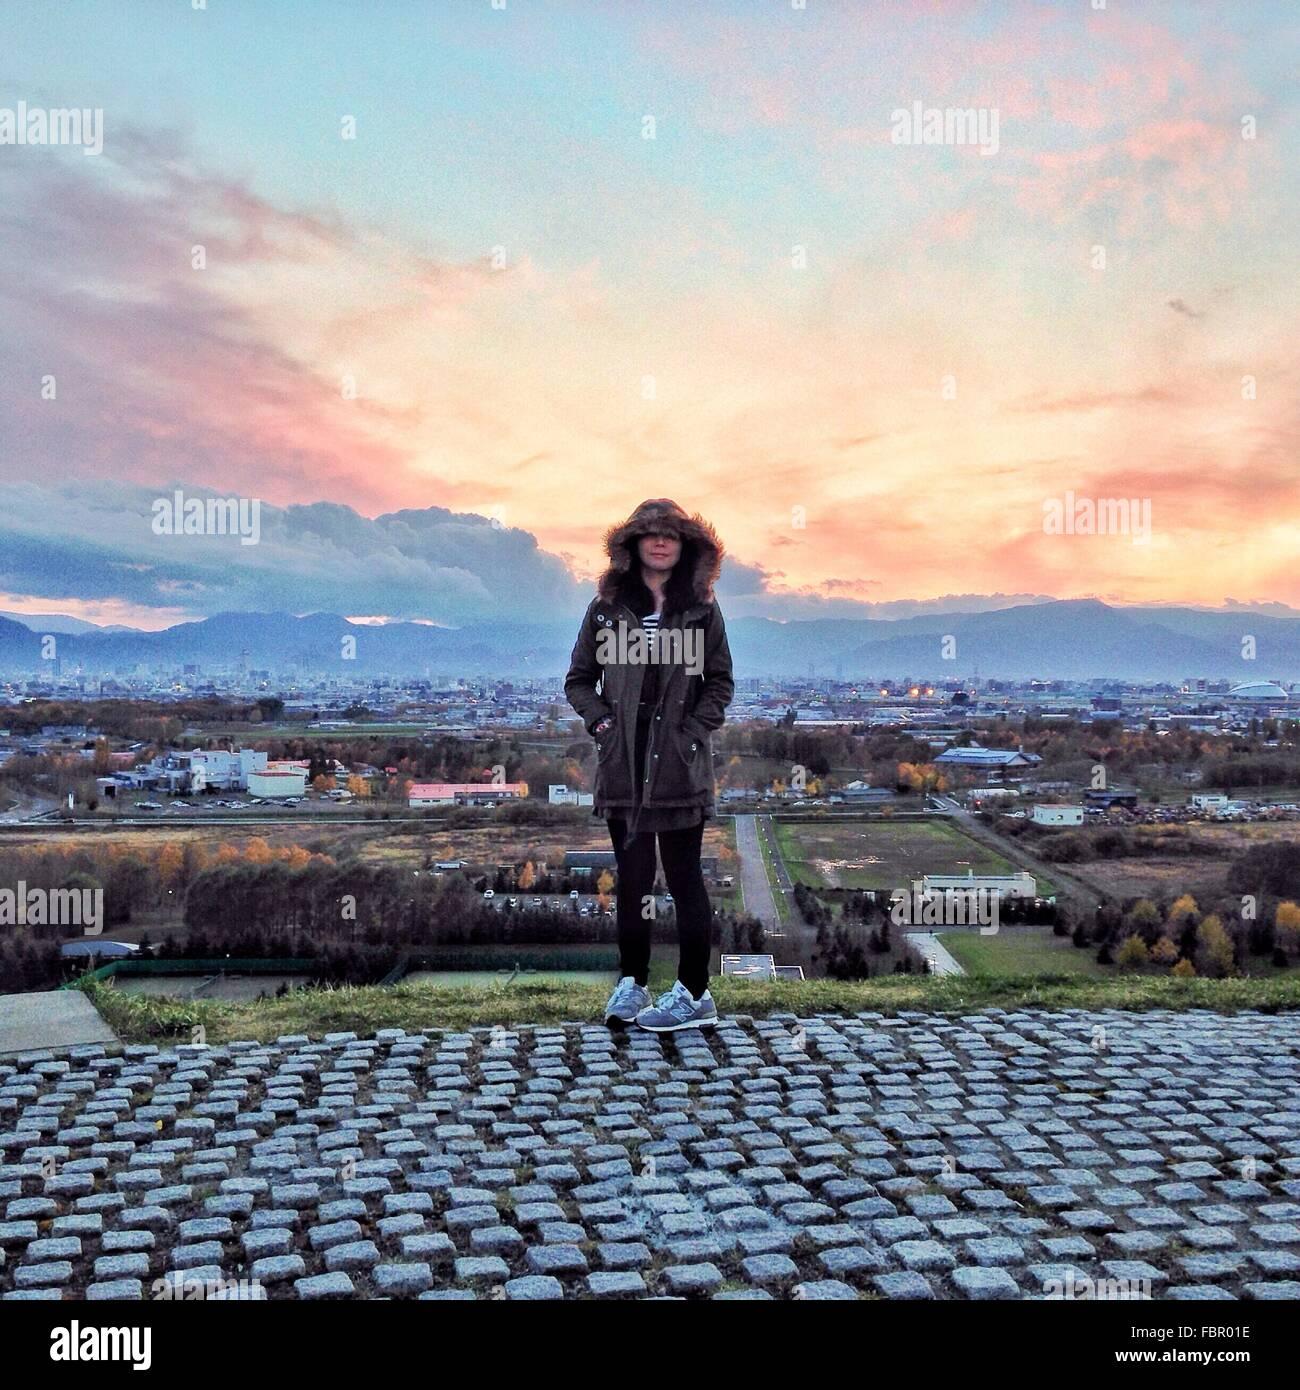 Gesamte Länge der Frau In Kapuzenjacke stehend gegen Stadtbild während des Sonnenuntergangs Stockbild